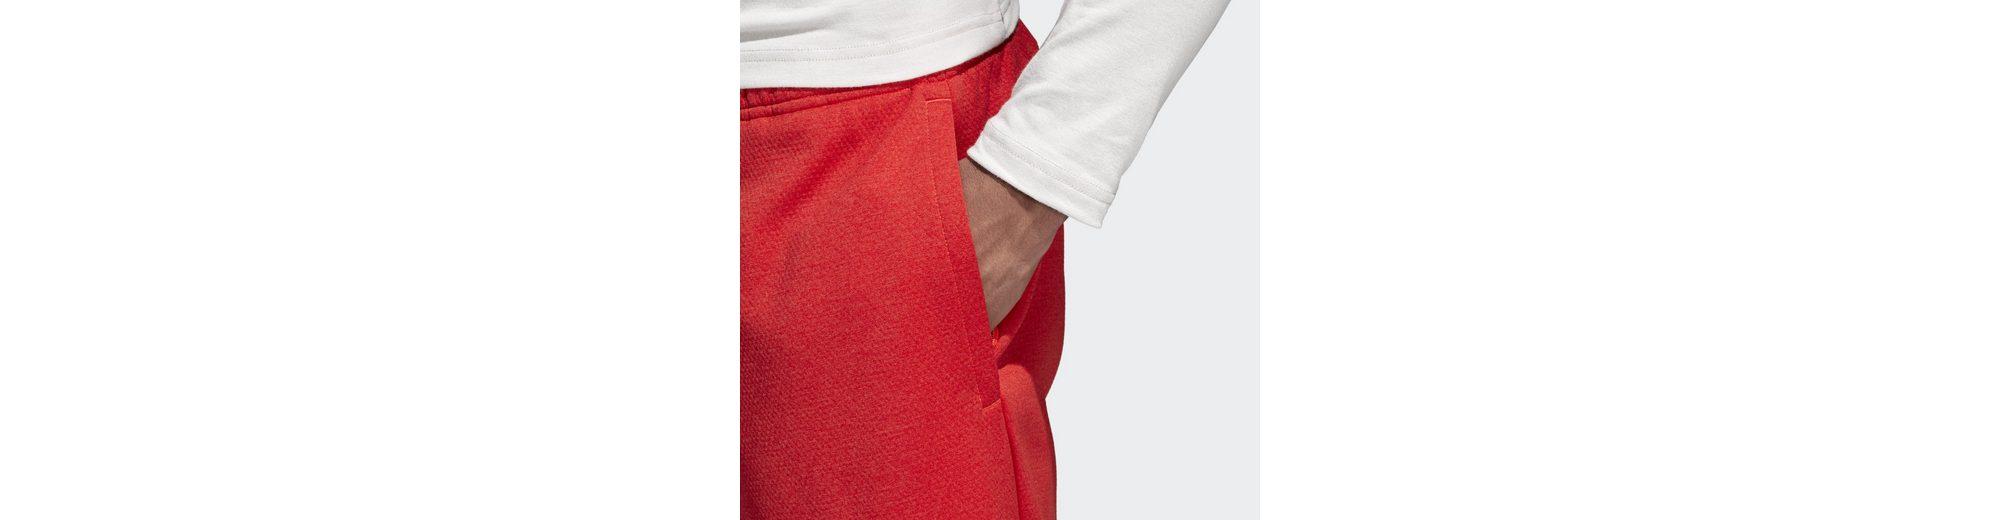 Viele Arten Von adidas Performance Shorts 4KRFT Tech Verkauf Niedriger Preis Sehr Günstig Besuch FwB1dY